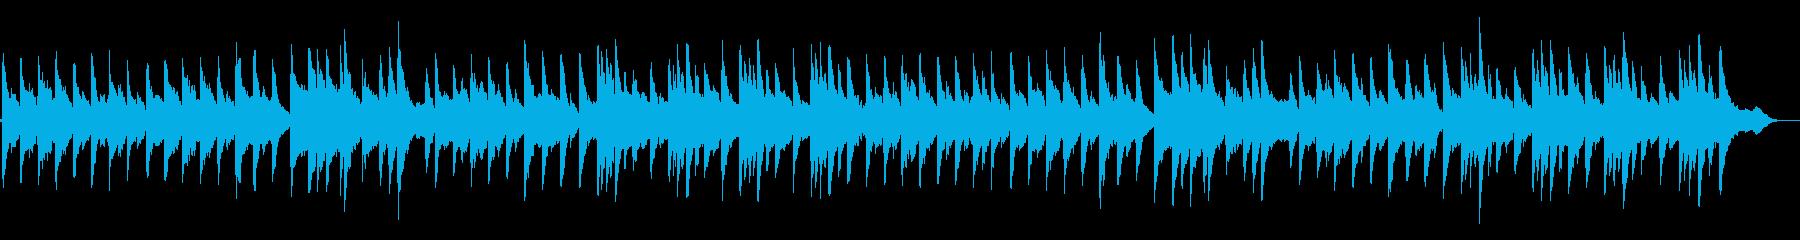 オーボエとピアノの眠りリラックス子守唄の再生済みの波形